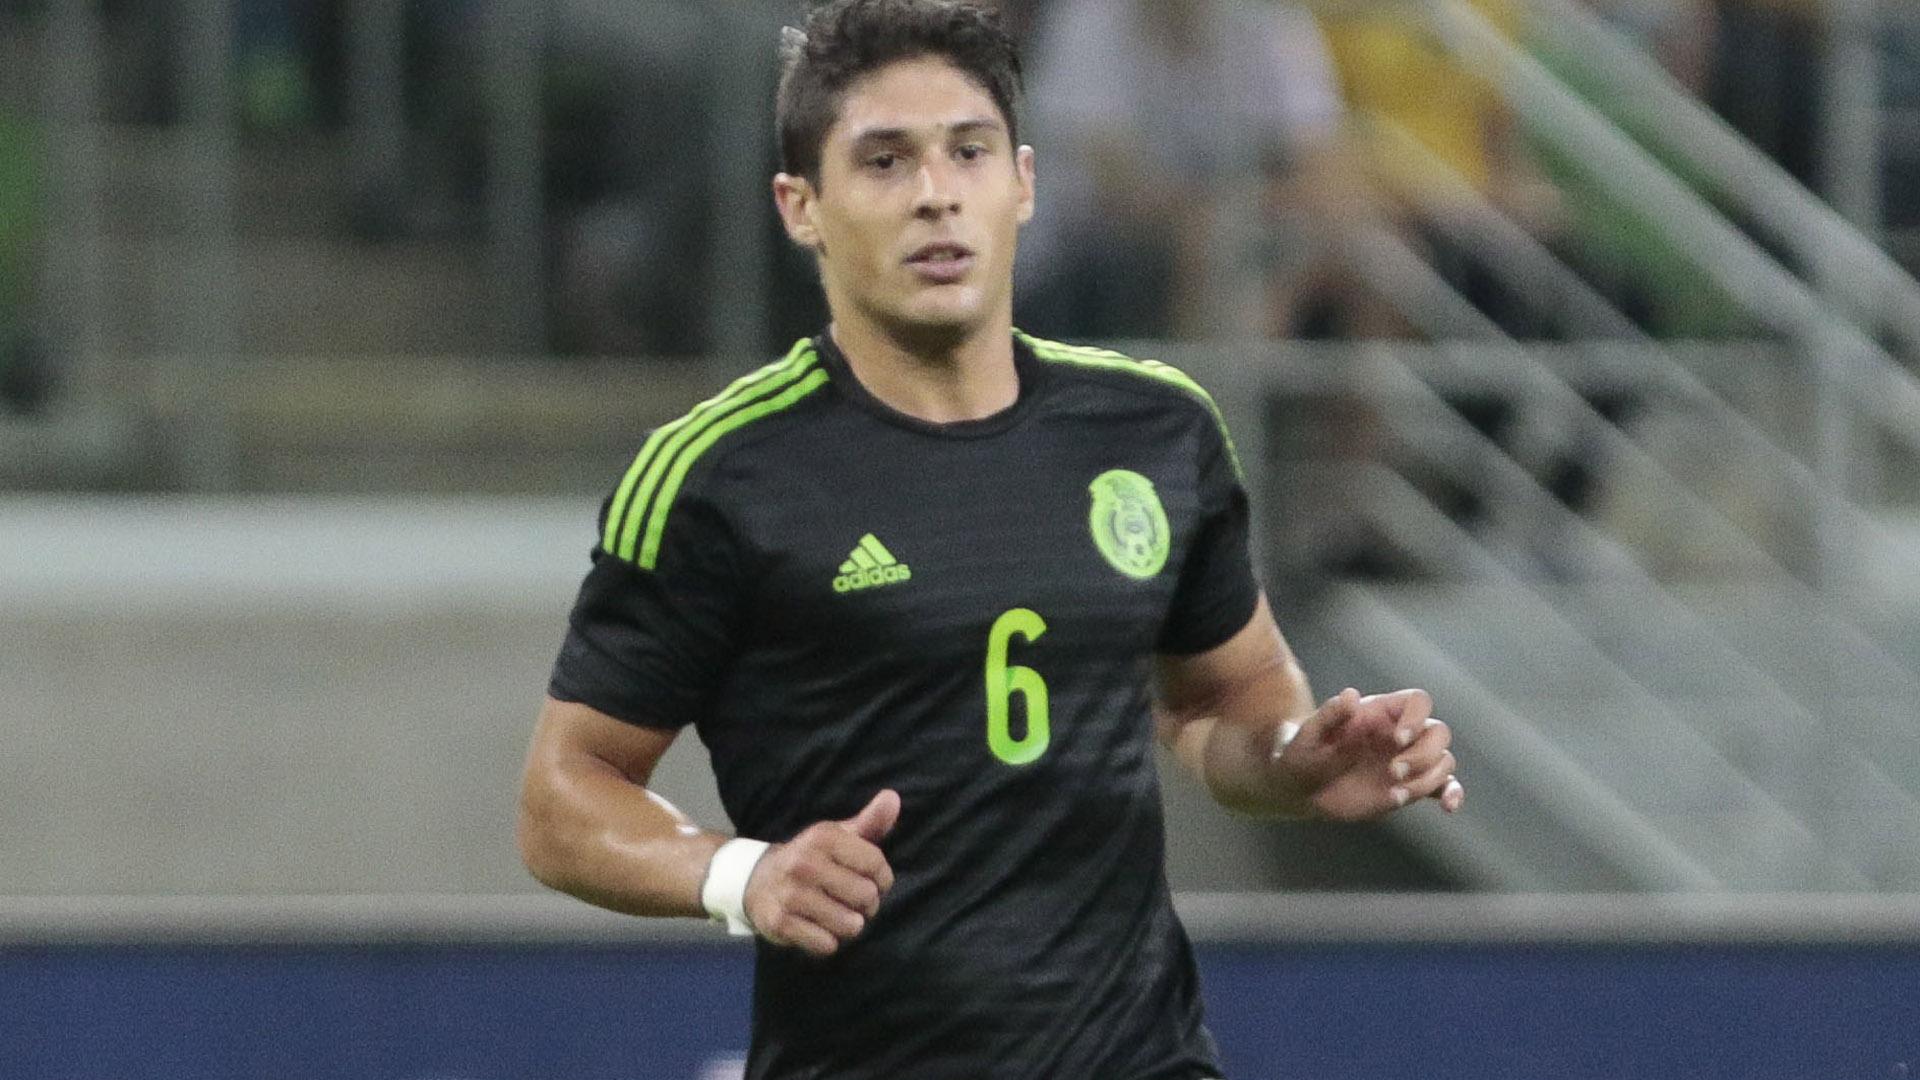 Javier Guemez Mexico